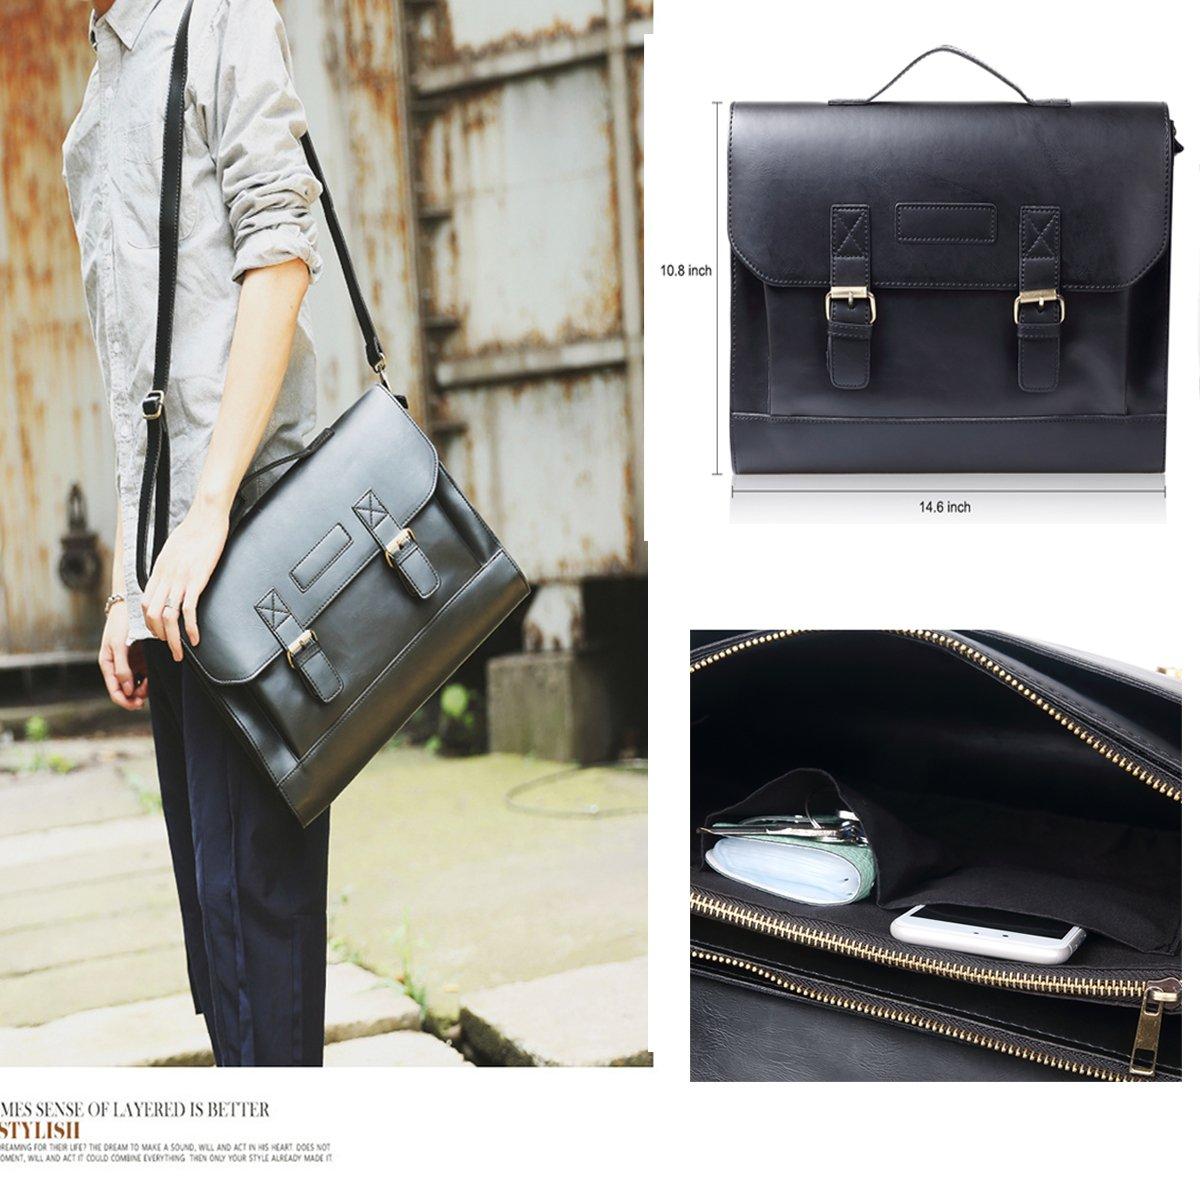 JAKAGO 14.6 Inch Vintage PU Leather Briefcase Laptop Shoulder Messenger Bag Tote School Distressed Bag for Women and Men by JAKAGO (Image #8)